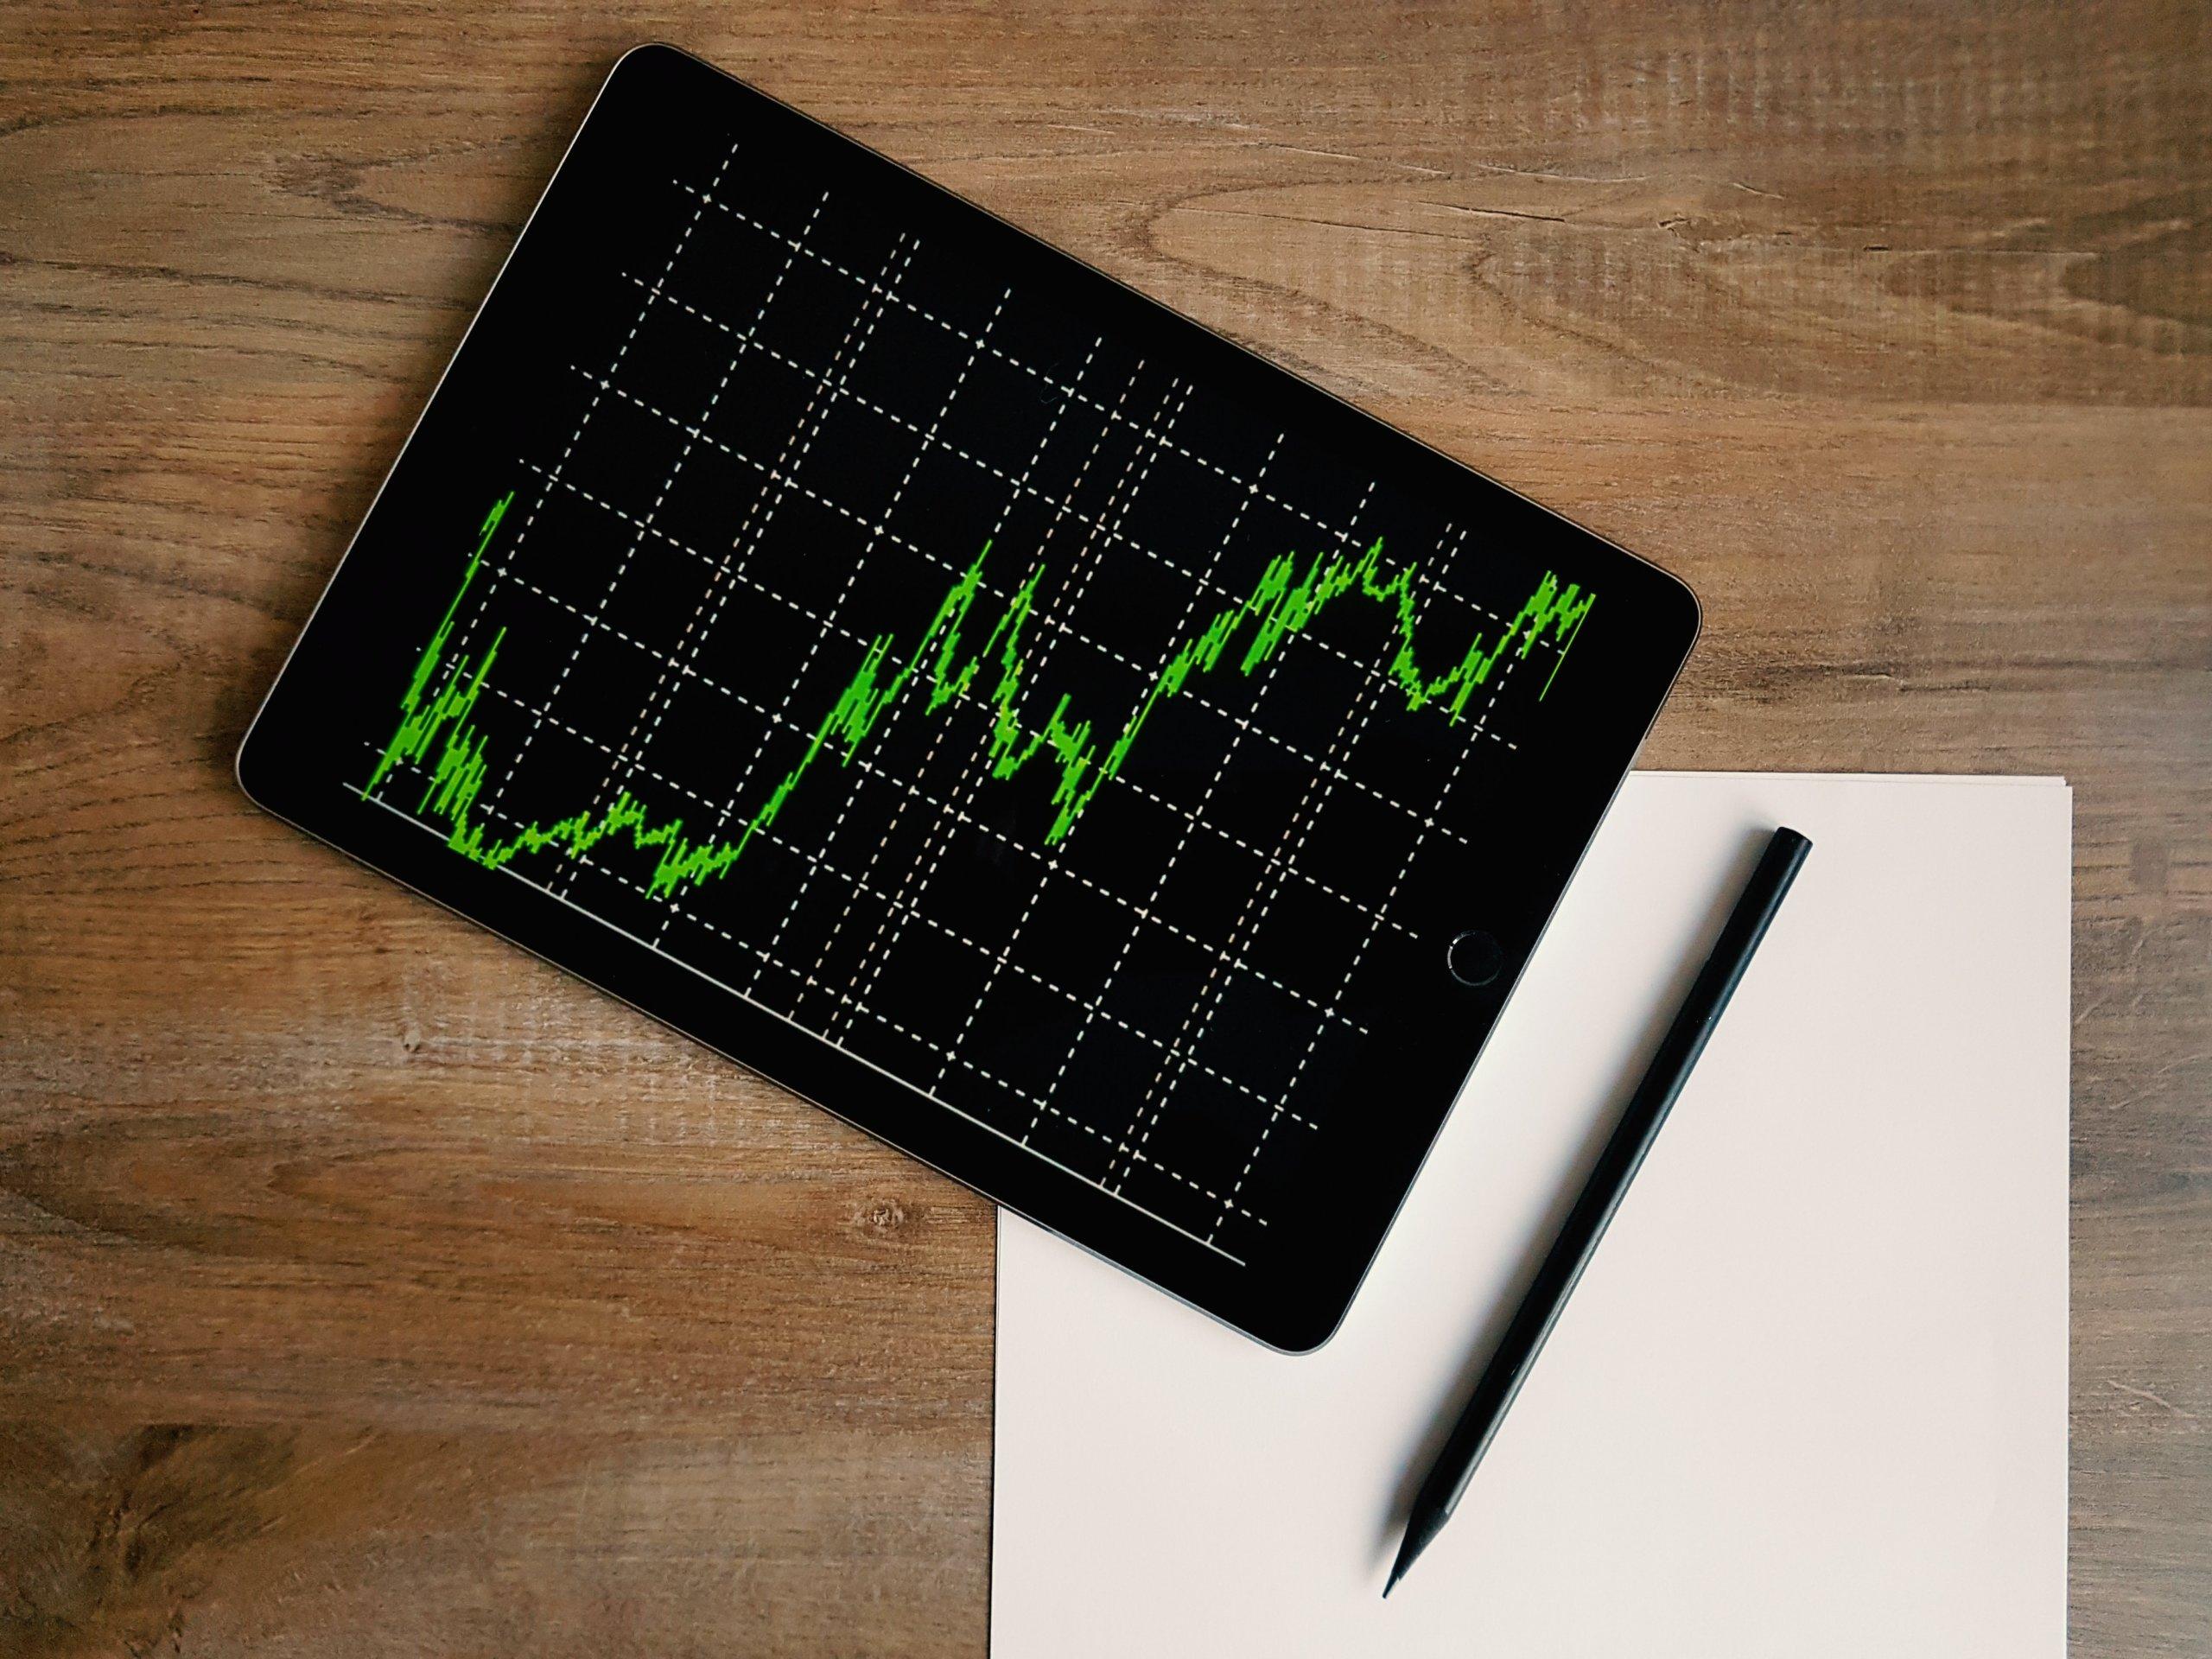 【2021最新・徹底比較】投資信託がおすすめの証券会社ランキング